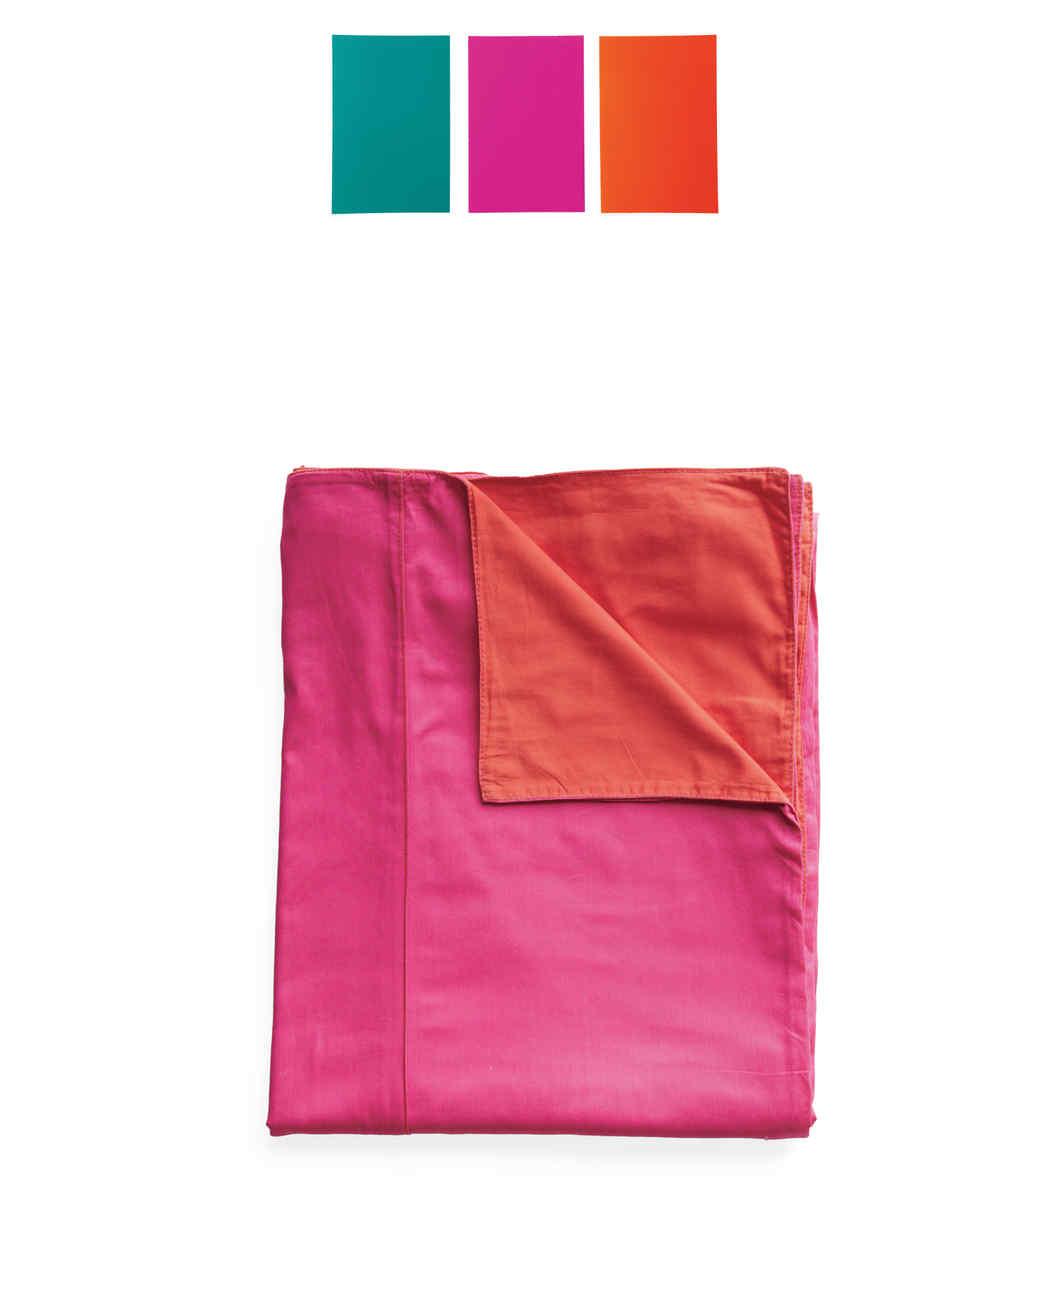 colorblocked-duvet-mld108526.jpg